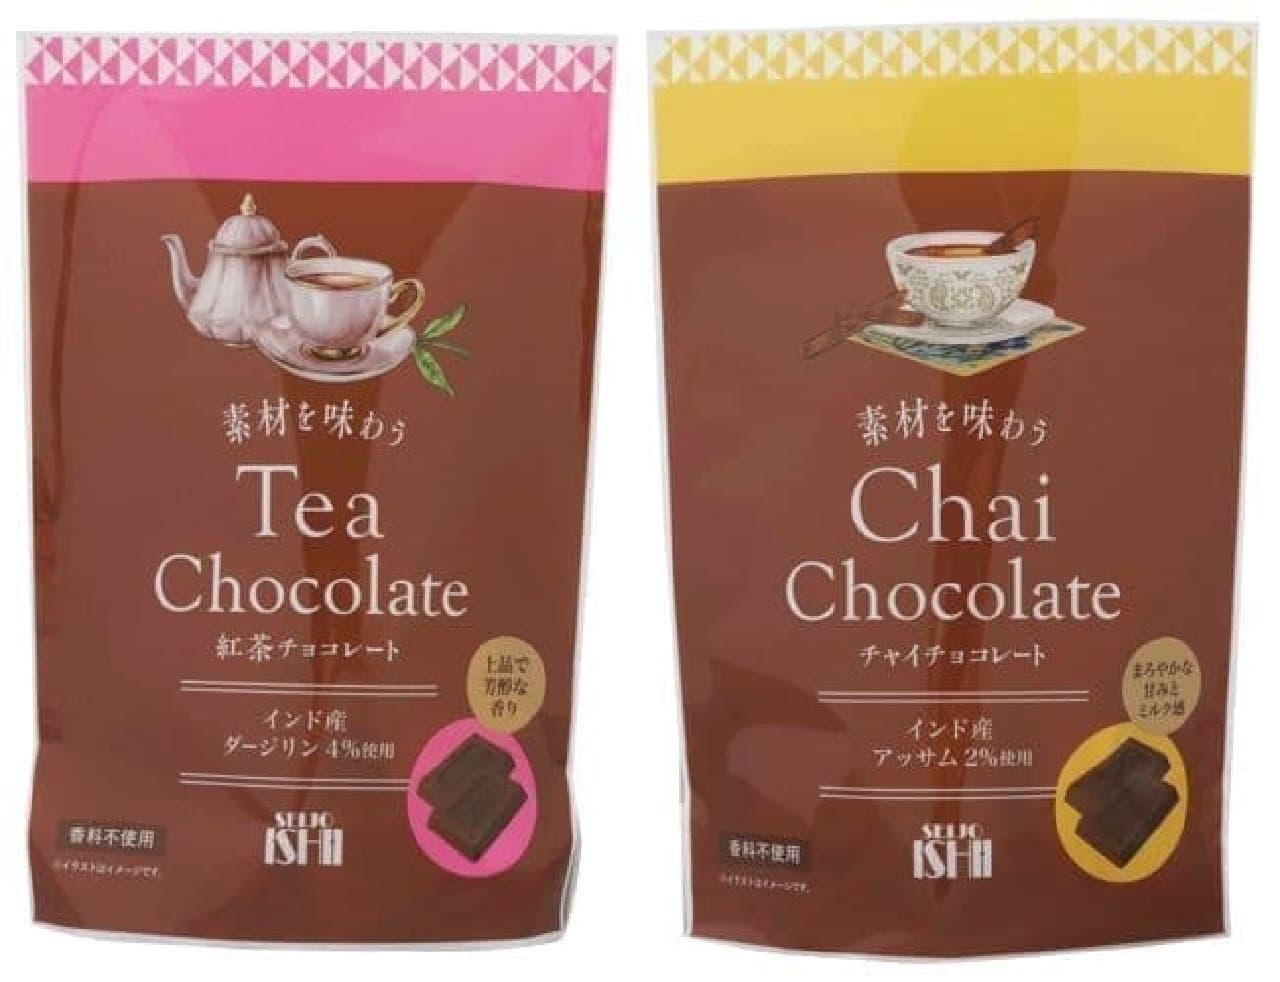 成城石井「素材を味わう紅茶チョコレート」「素材を味わうチャイチョコレート」